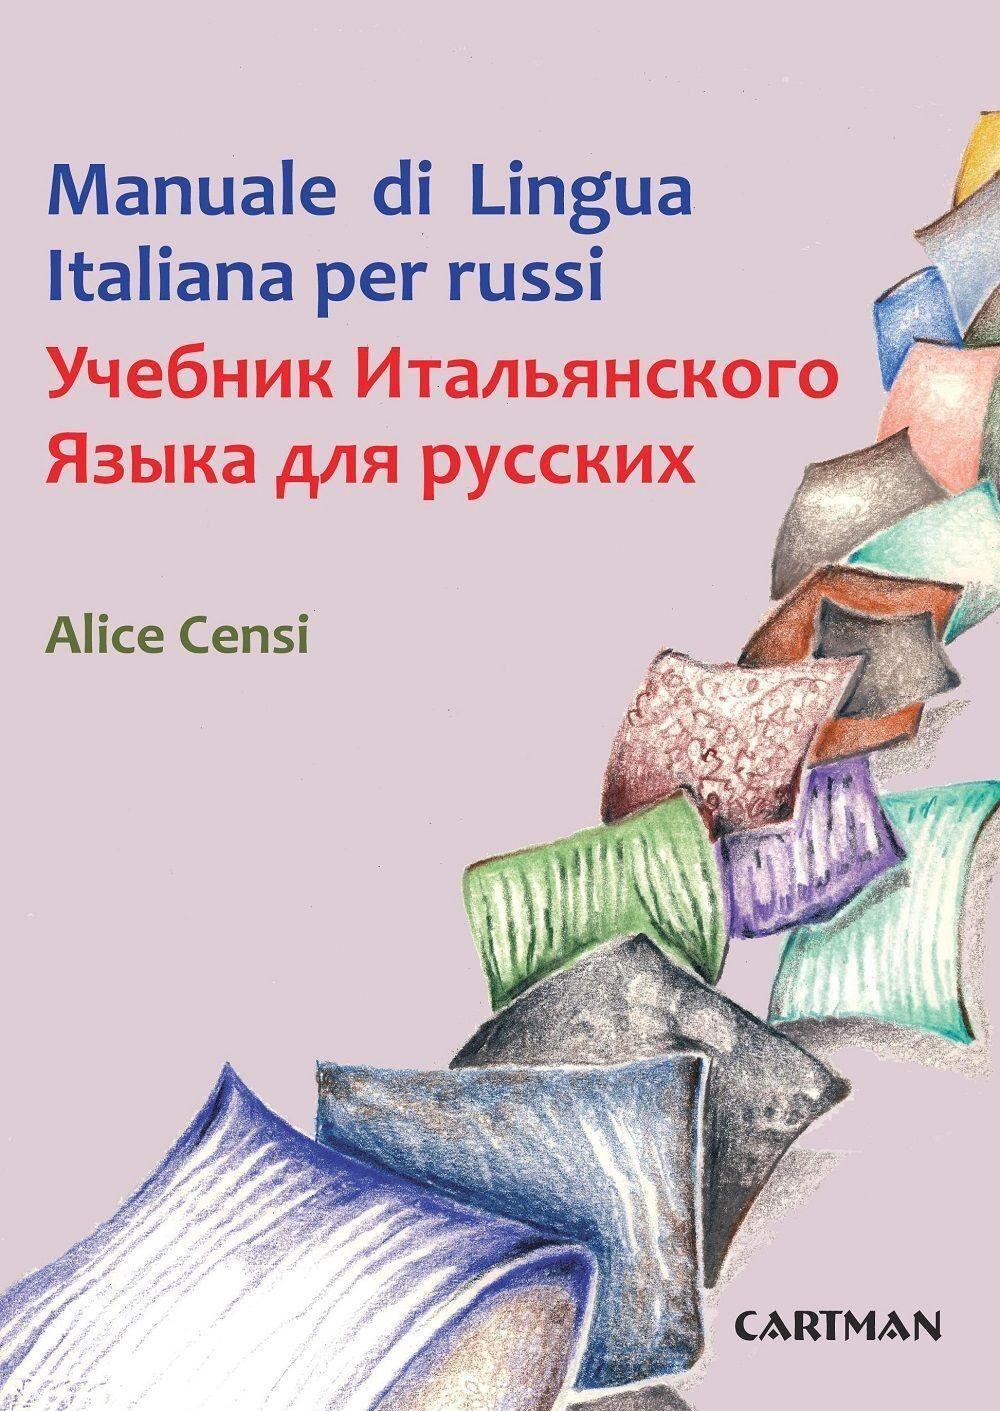 Manuale di lingua italiana per russi. Testo russo a fronte